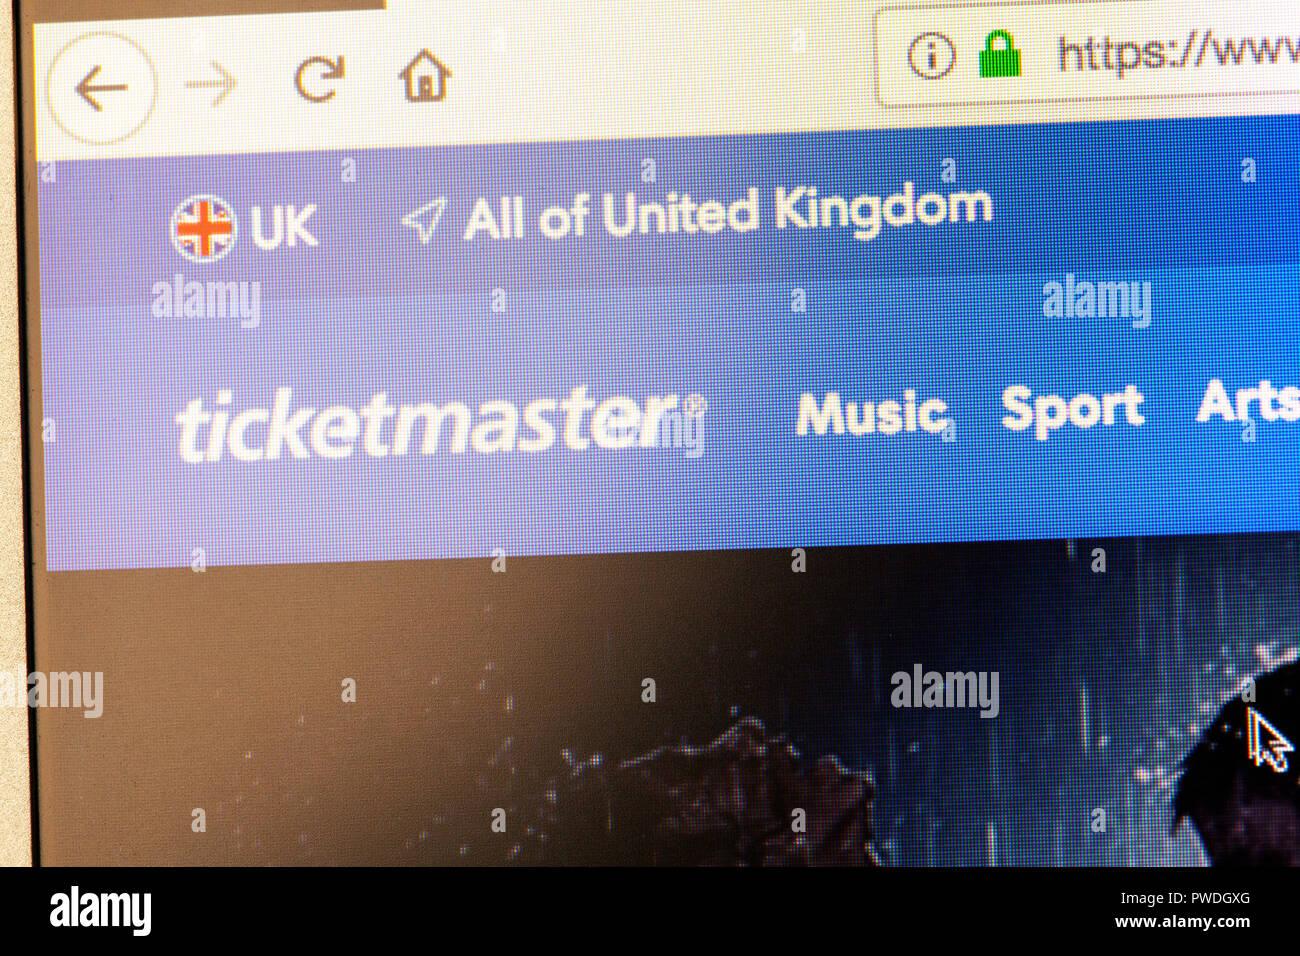 Ticketmaster concert ticket website, Ticketmaster tickets, Ticketmaster website, Ticketmaster homepage, Ticketmaster logo, Ticketmaster ticket website Stock Photo